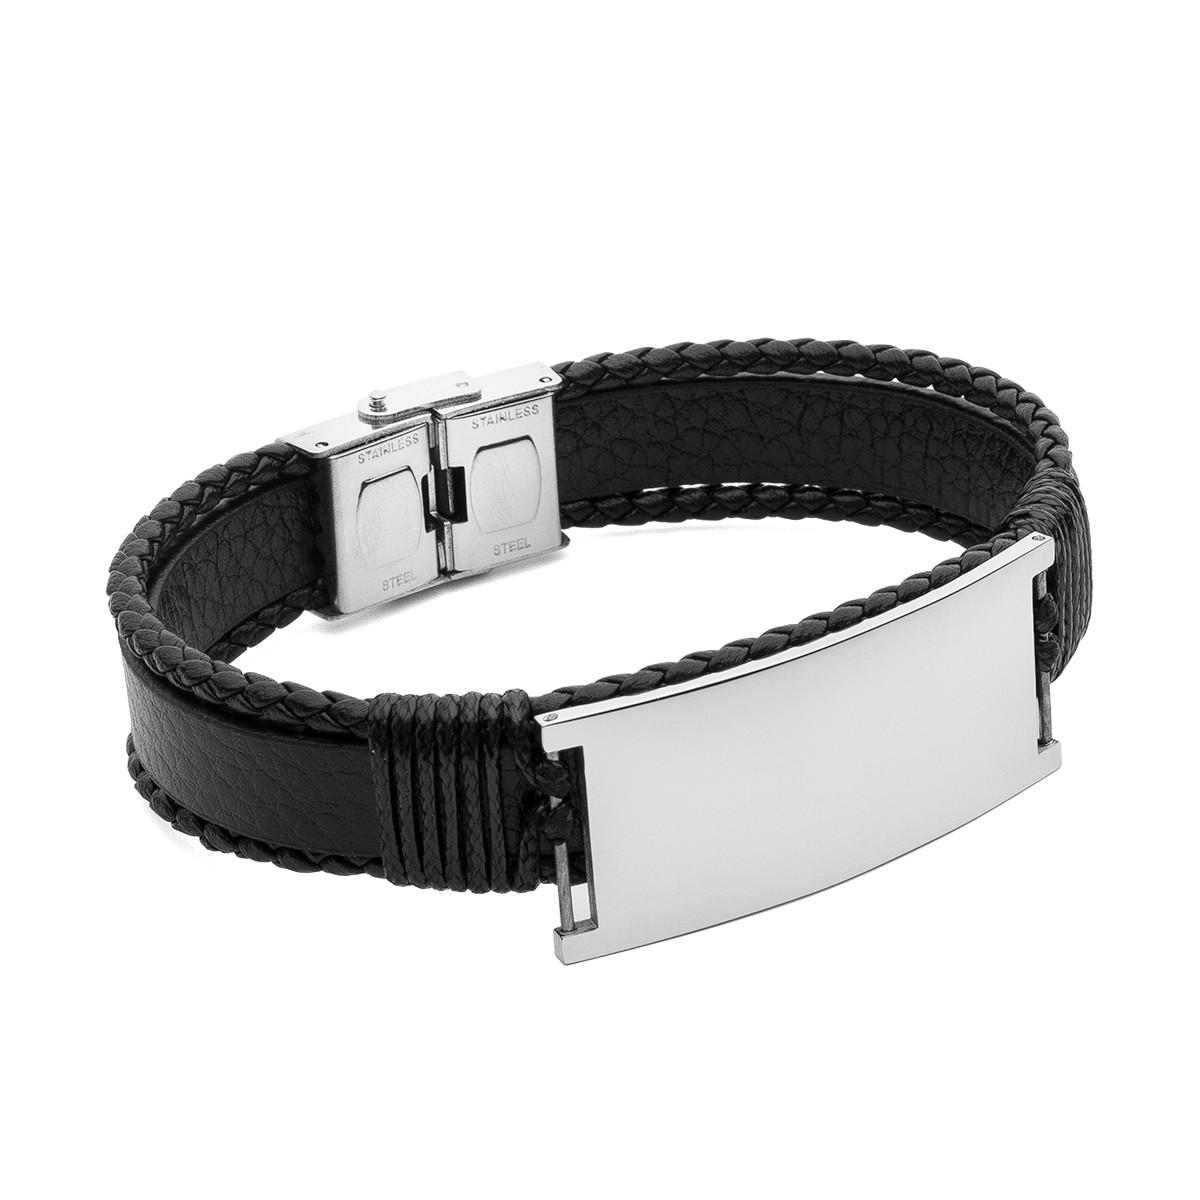 Rechteck armband, stahl - modell 037